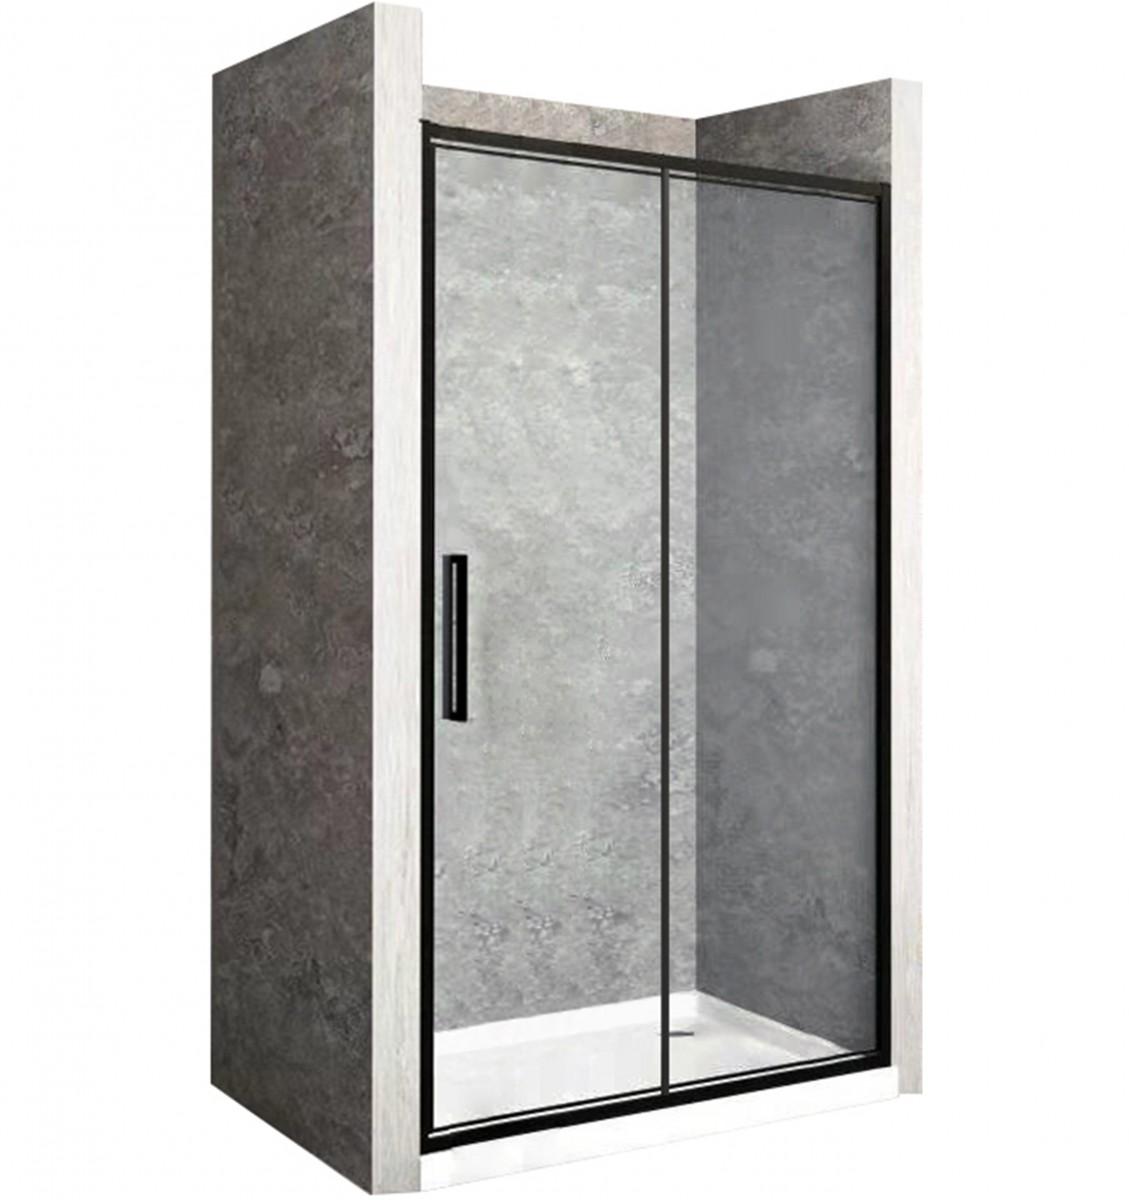 Sprchové dveře skládané Rapid Fold 70